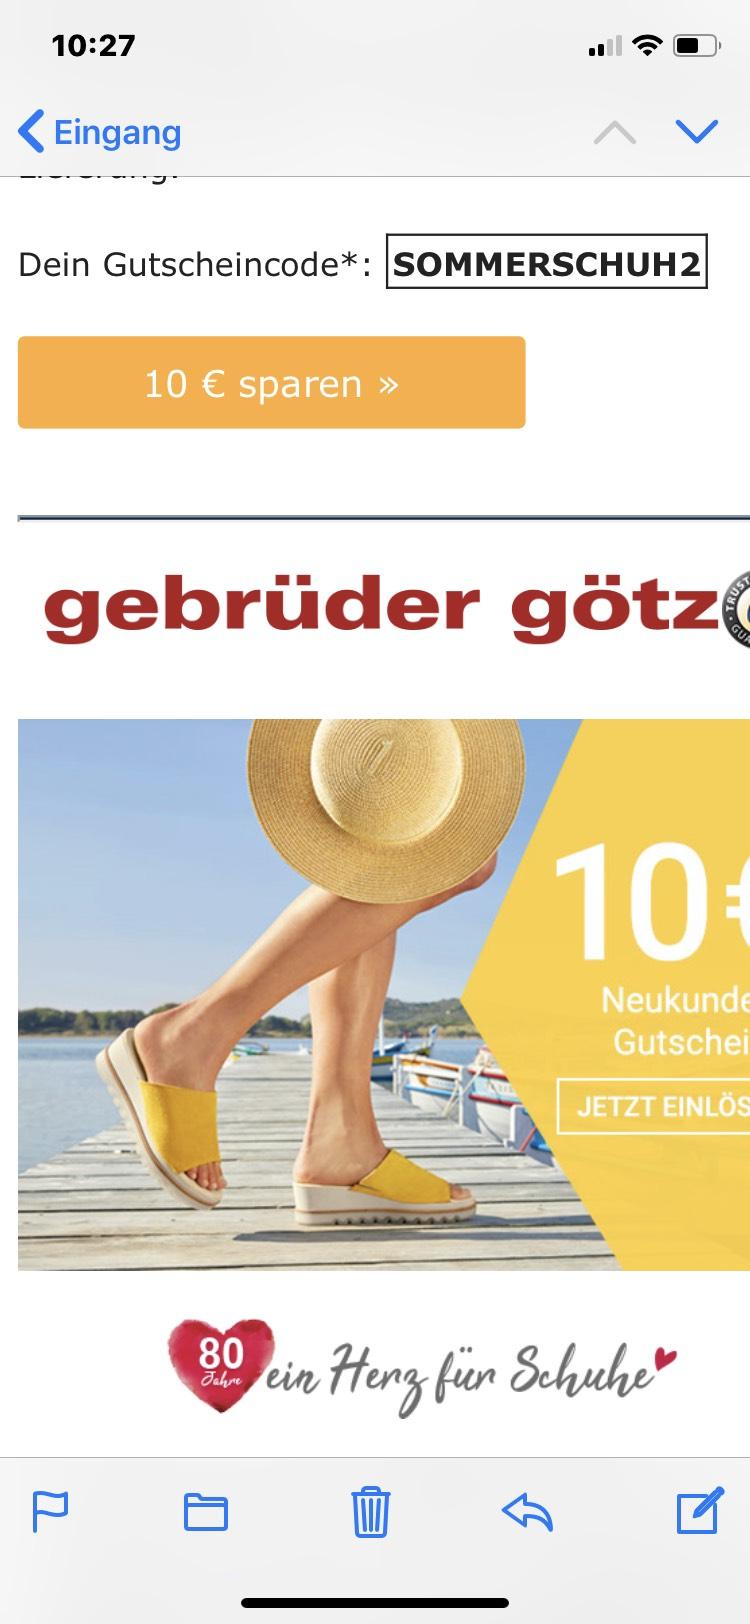 10€ für Schuhe bei gebrüder götz bei 69€ MBW